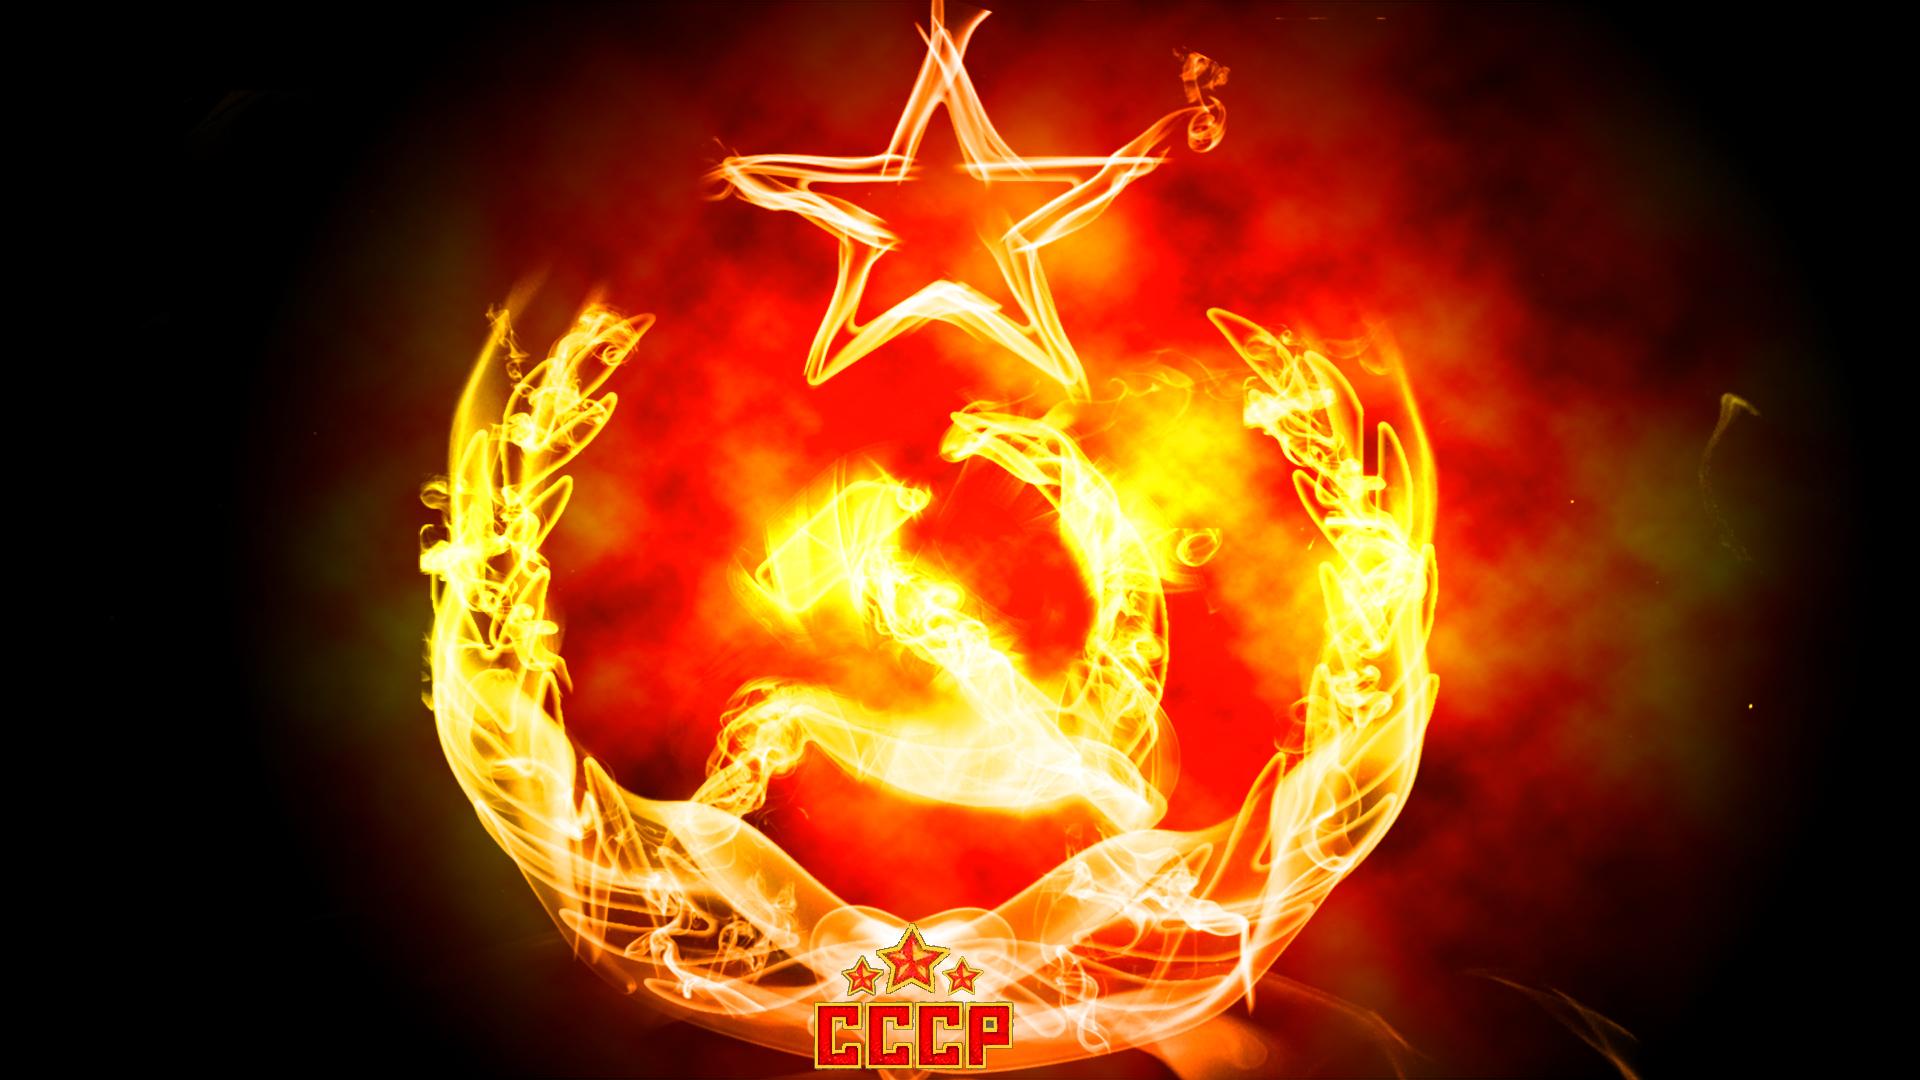 Brand new الأحمر العلم اتحاد السوفياتي republics الاشتراكية السوفياتية cccp  روسيا راية داخلي ديكور المنزل 92